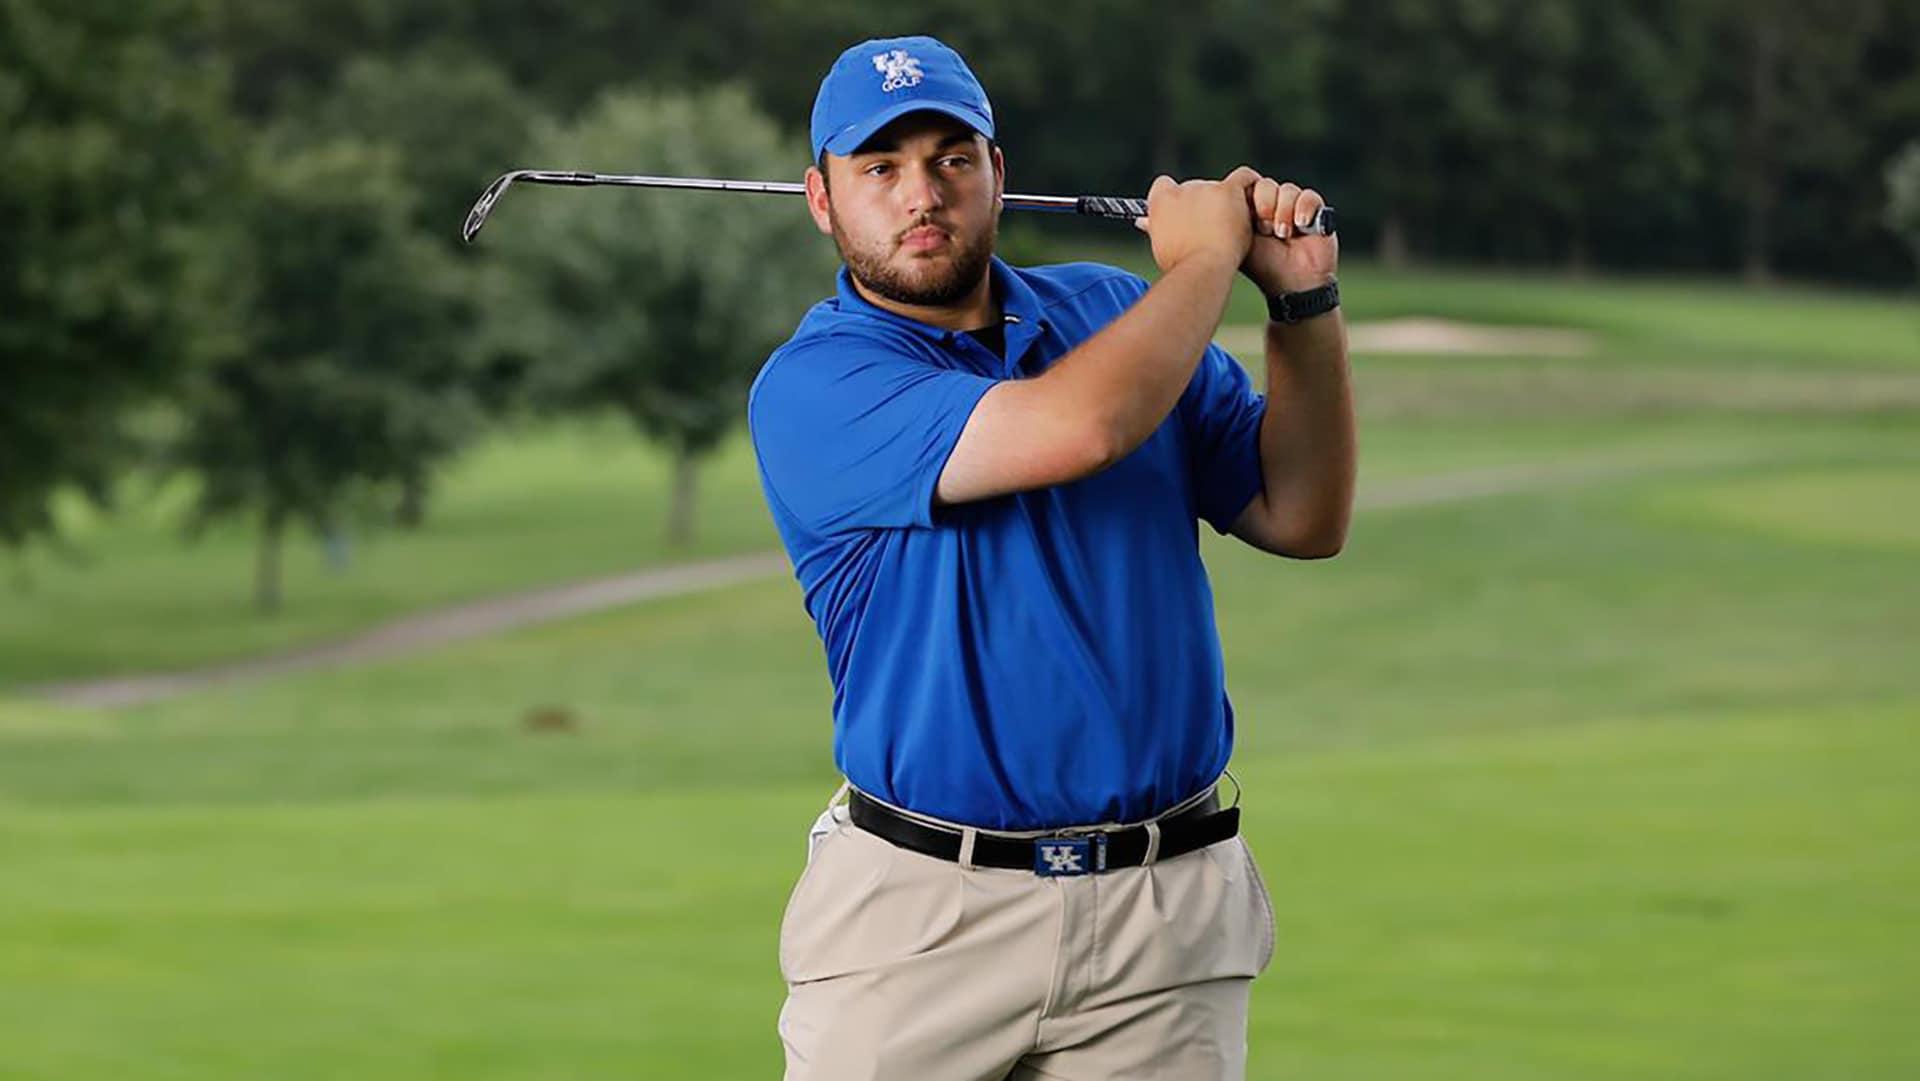 Kentucky Golfer Cullan Brown 20 Dies After Cancer Battle Golf Channel